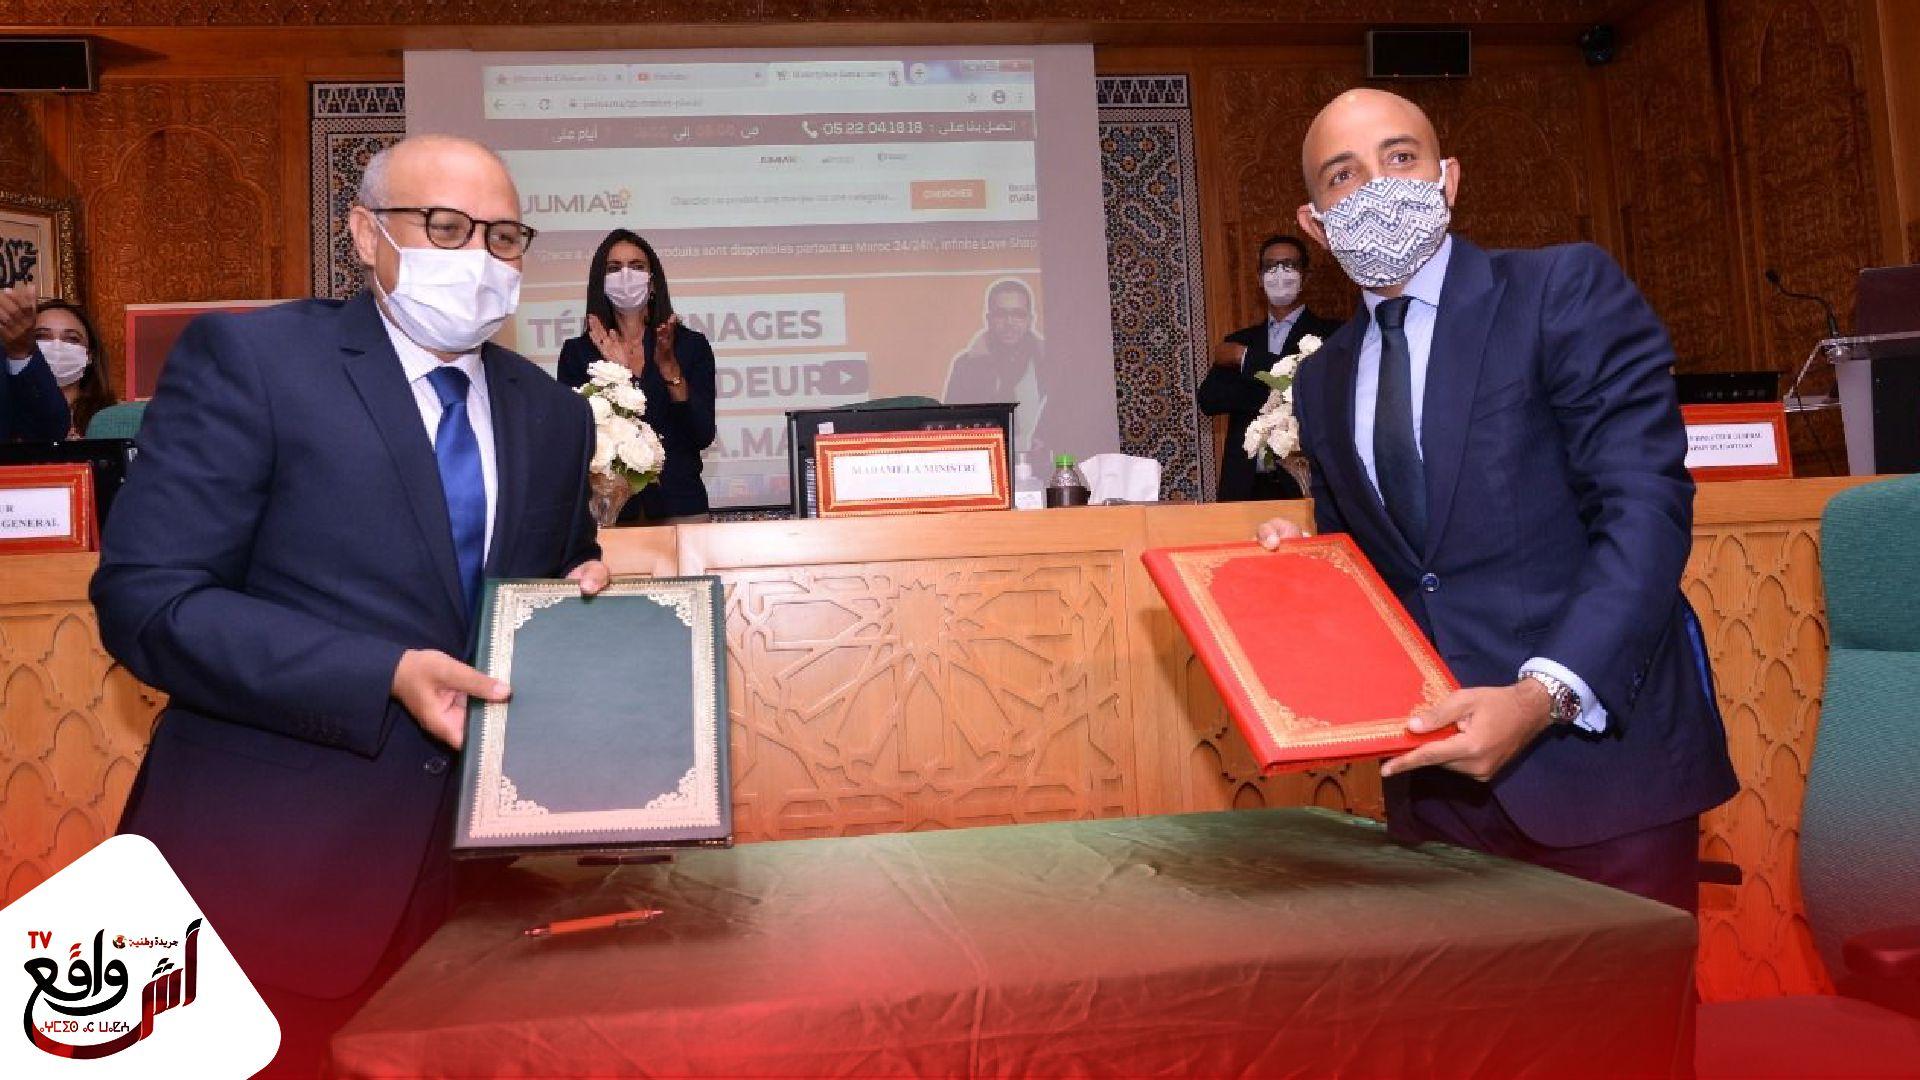 منصة الرائدة في التجارة الإلكترونية بالمغرب ستتيح للصانع المغربي إمكانية استخدام منصاتها الرقمية لتطوير نشاطهال